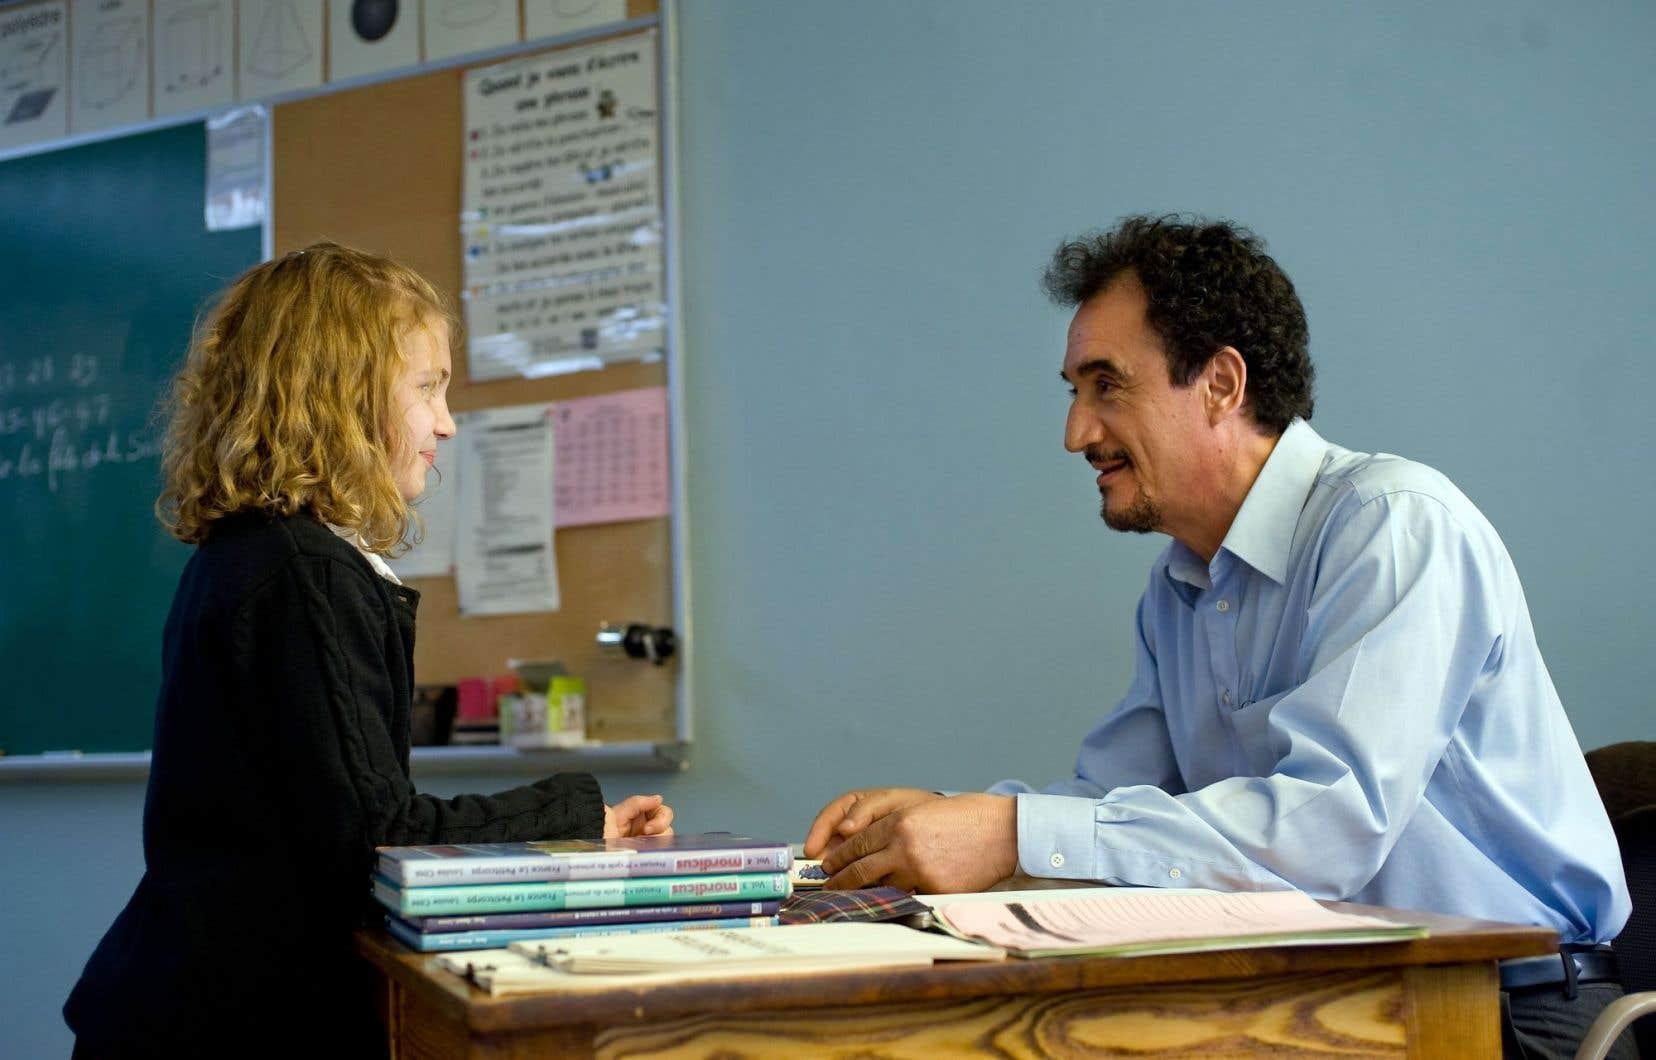 « Monsieur Lazhar», dont le personnage central est un immigrant algérien, est l'un des films québécois des dernières années où la diversité culturelle est plus présente.